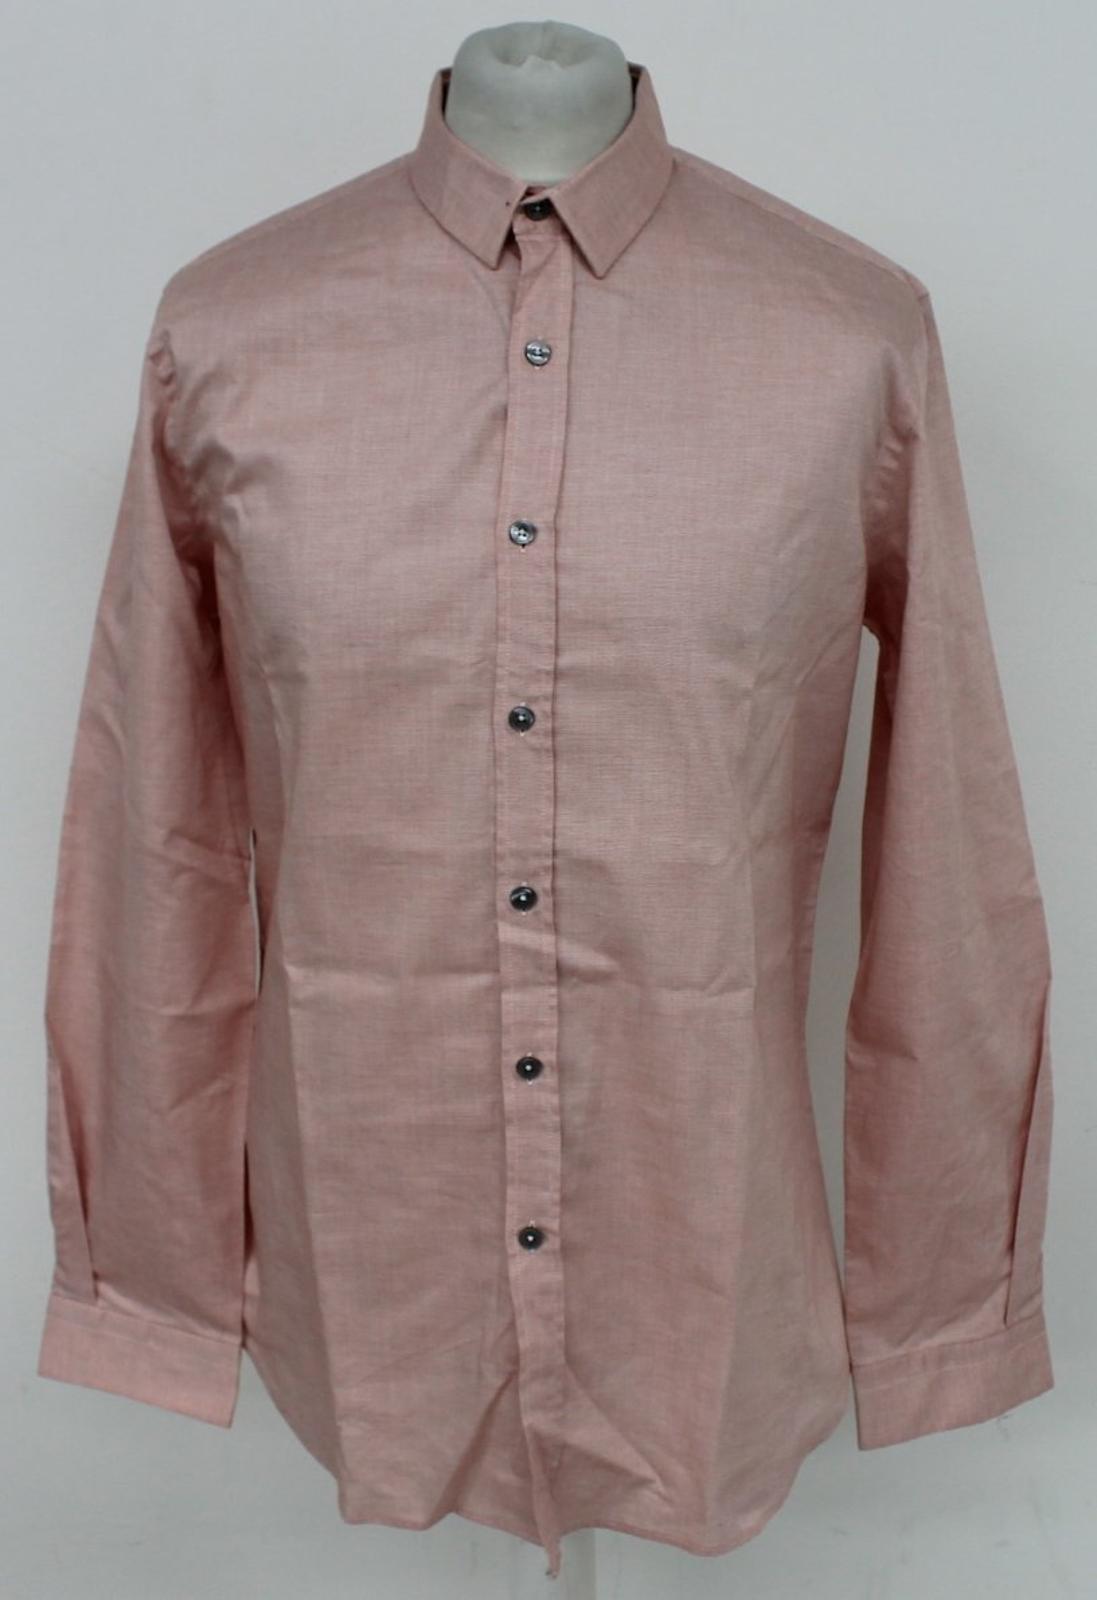 Paul-Smith-Para-Hombre-Rojo-Y-Blanco-Micro-Grafico-Impresion-a-medida-con-Camisa-Talla-17-43-Nuevo miniatura 2